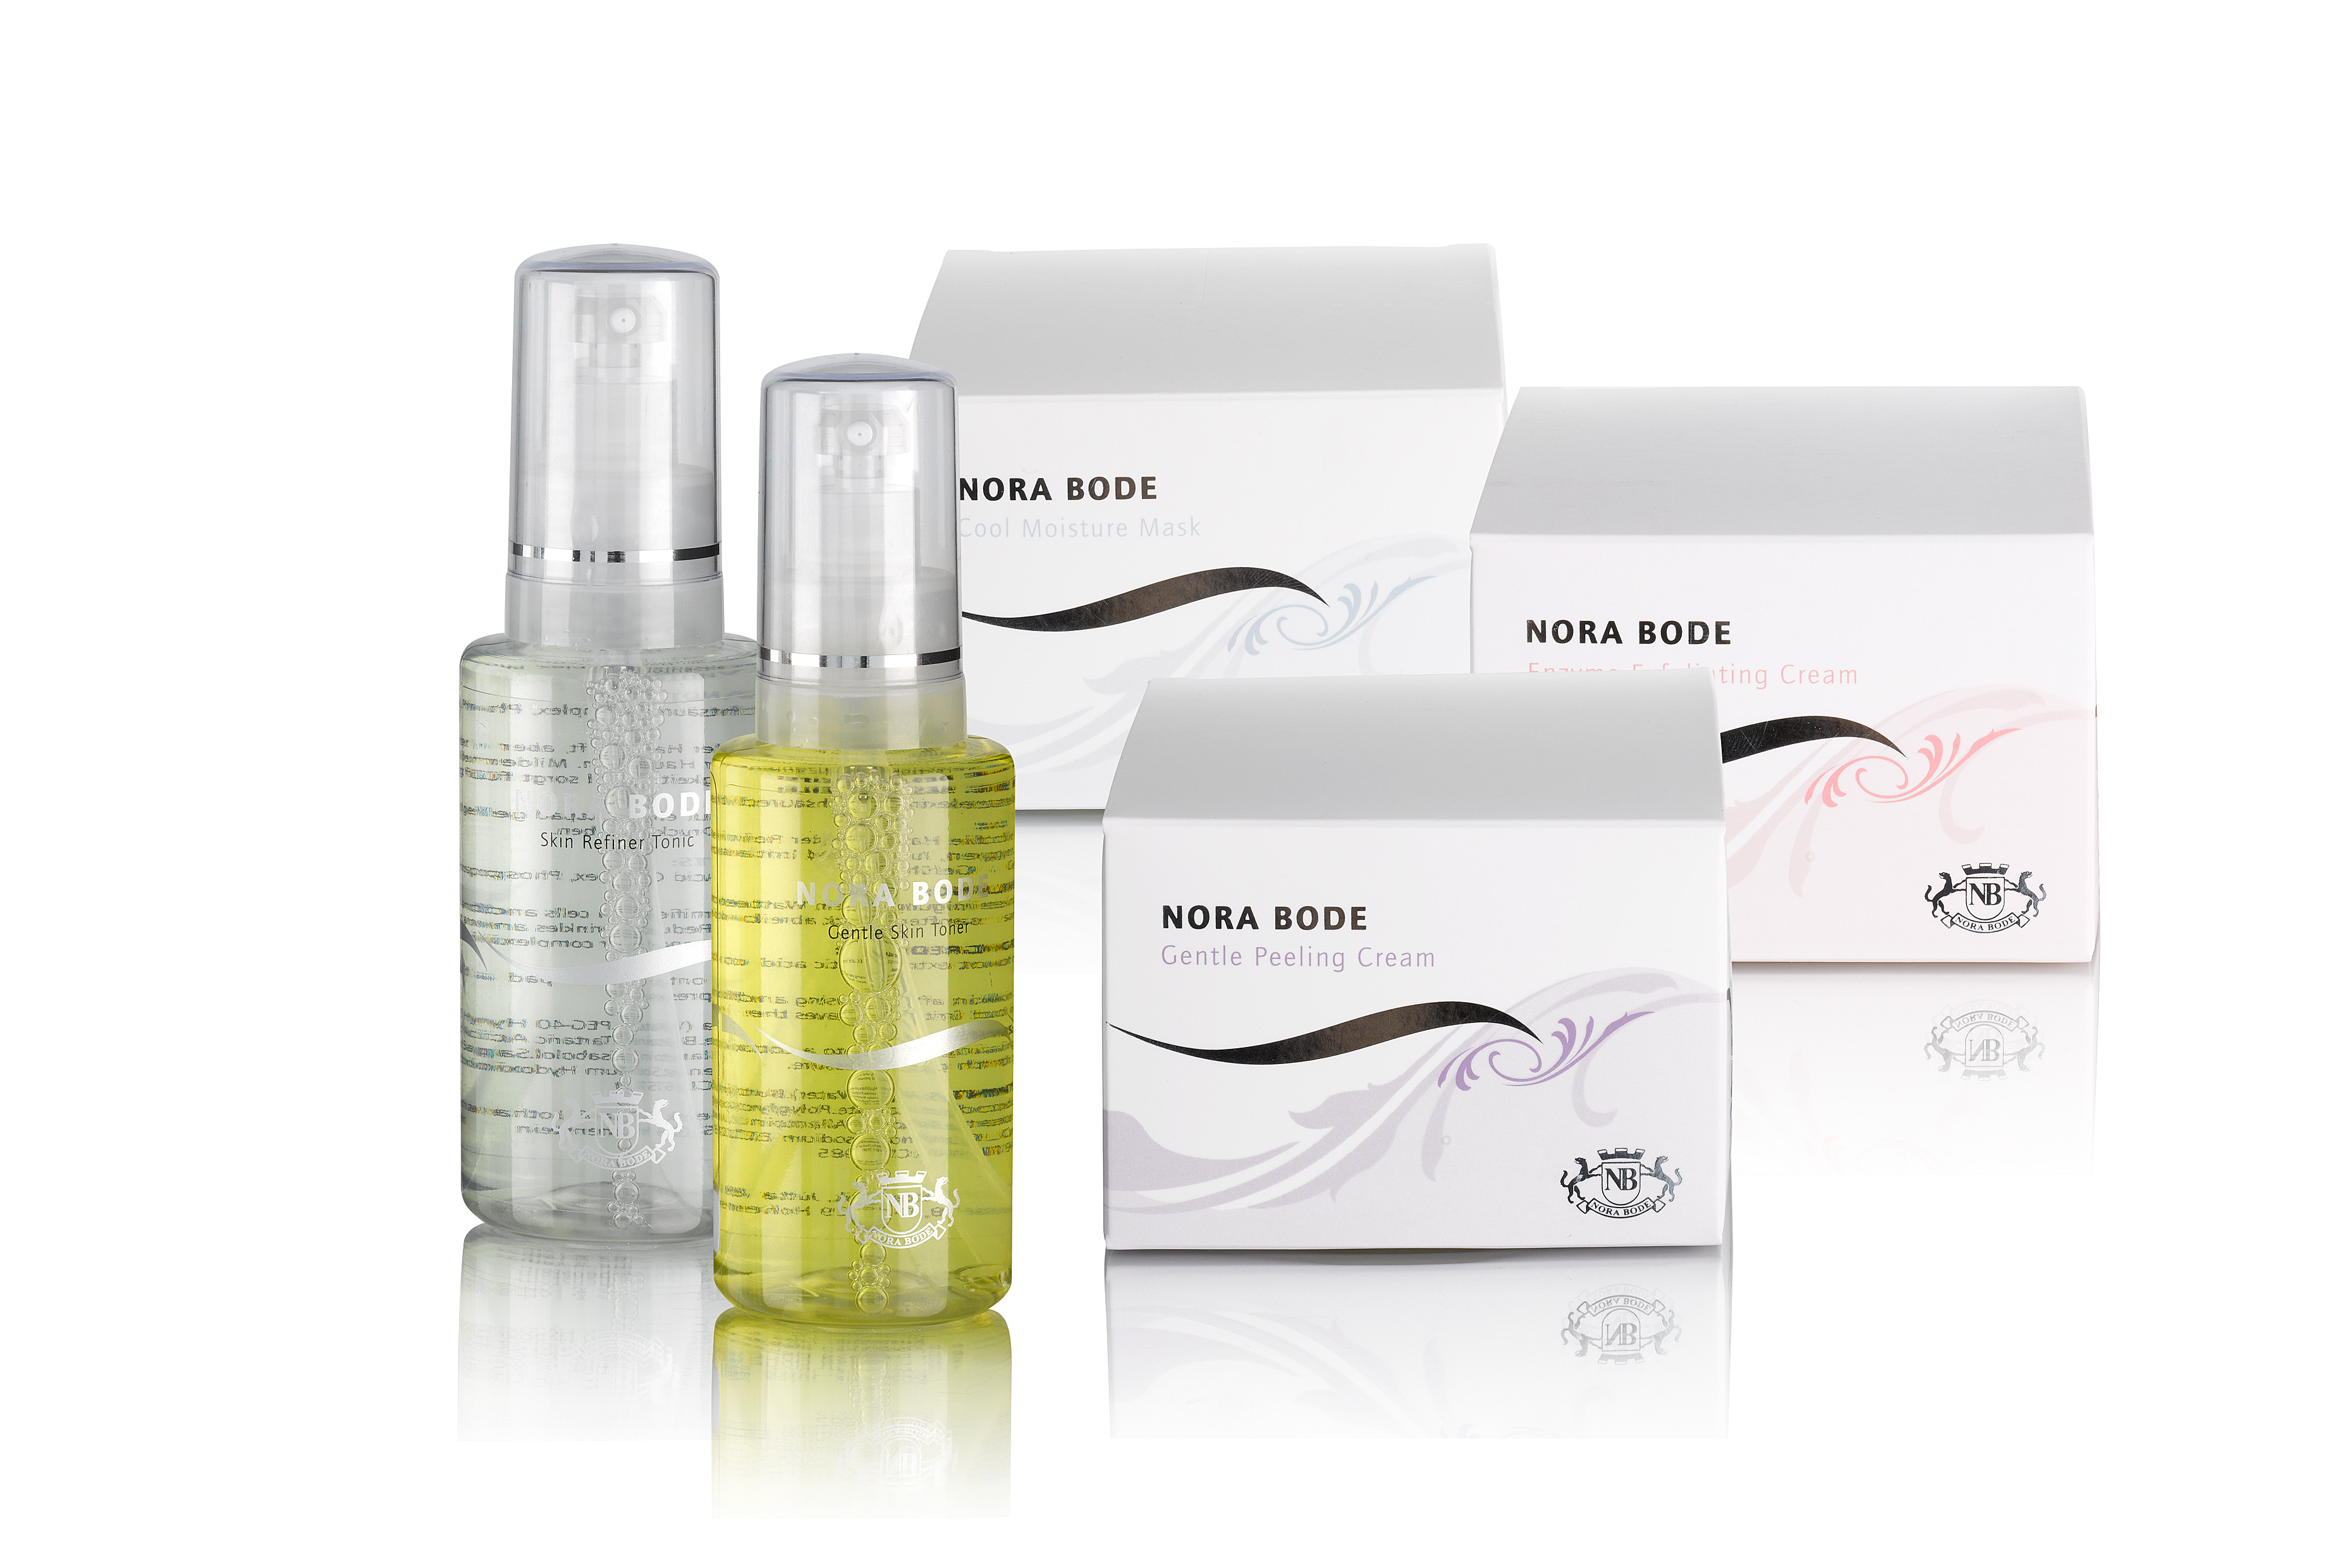 Nora_Bode_Specials_Skincare